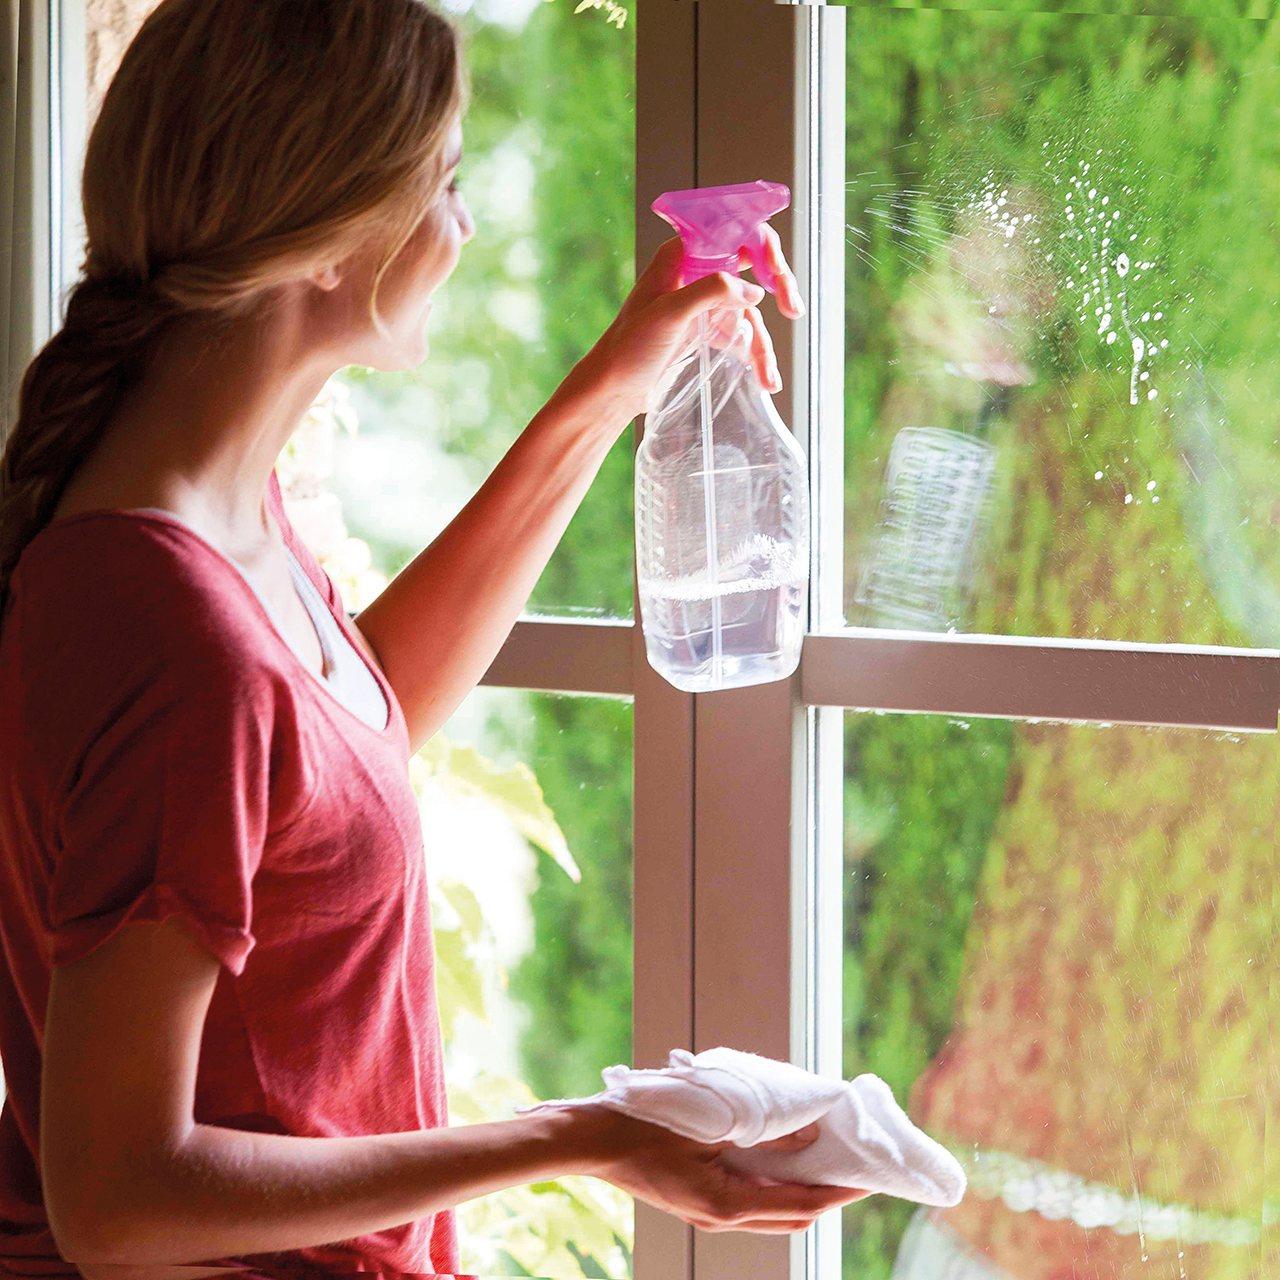 Limpiar lo m s dif cil - Como limpiar una casa ...